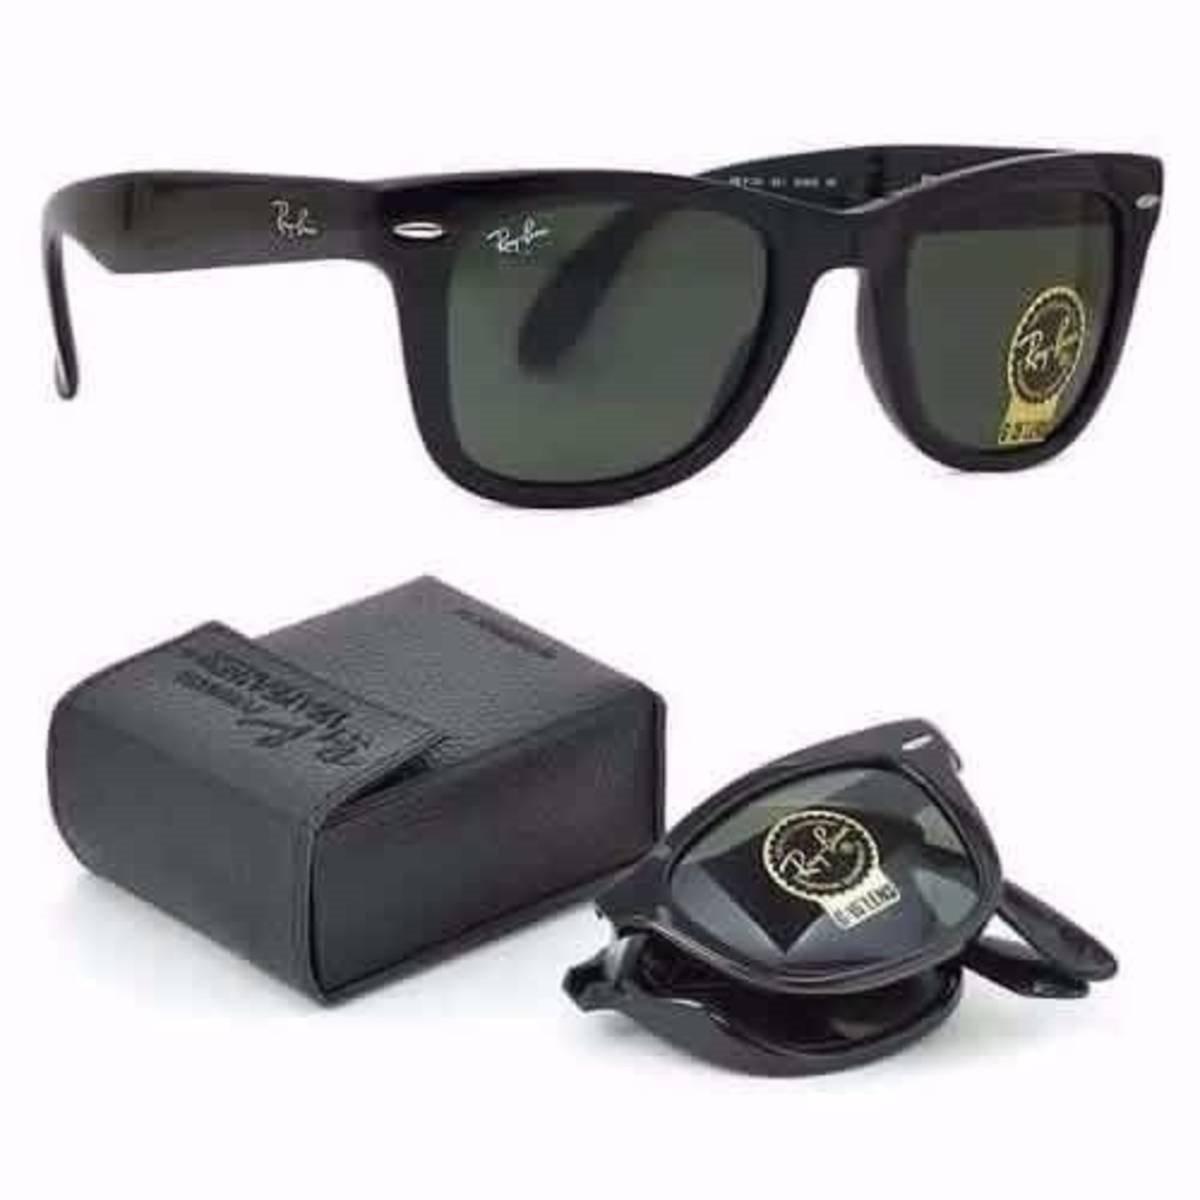 92658d556ba56 Óculos Ray Ban Wayfarer Dobrável Rb4105 Black Piano Promoção - R ...